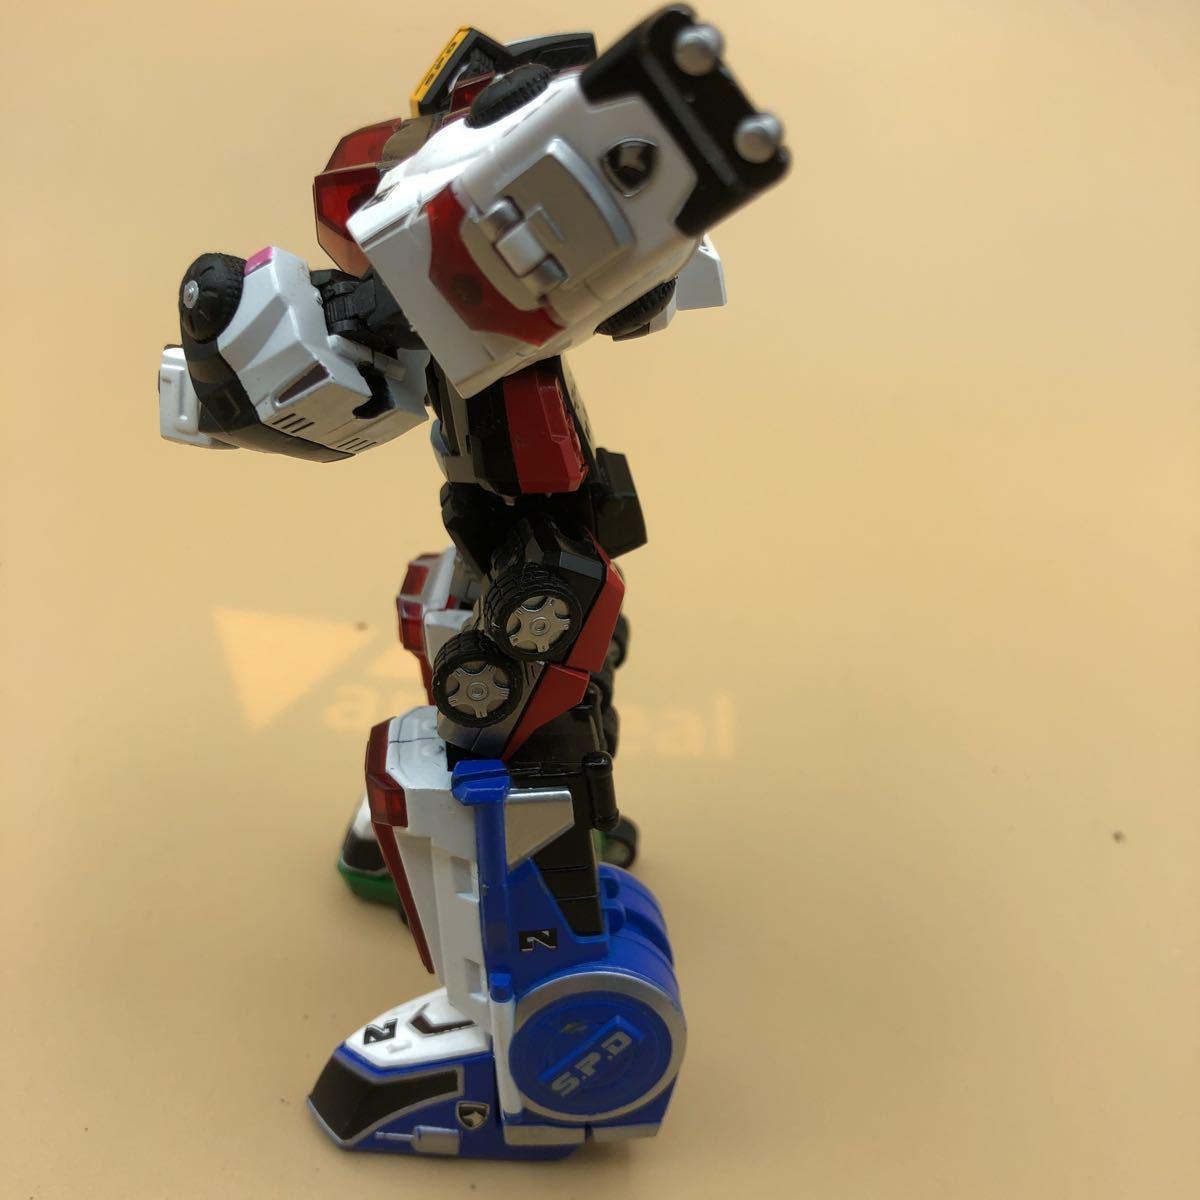 戦隊シリーズ スーパーロボット超合金 特捜戦隊デカレンジャー デカレンジャーロボ パーツ欠損有_画像3